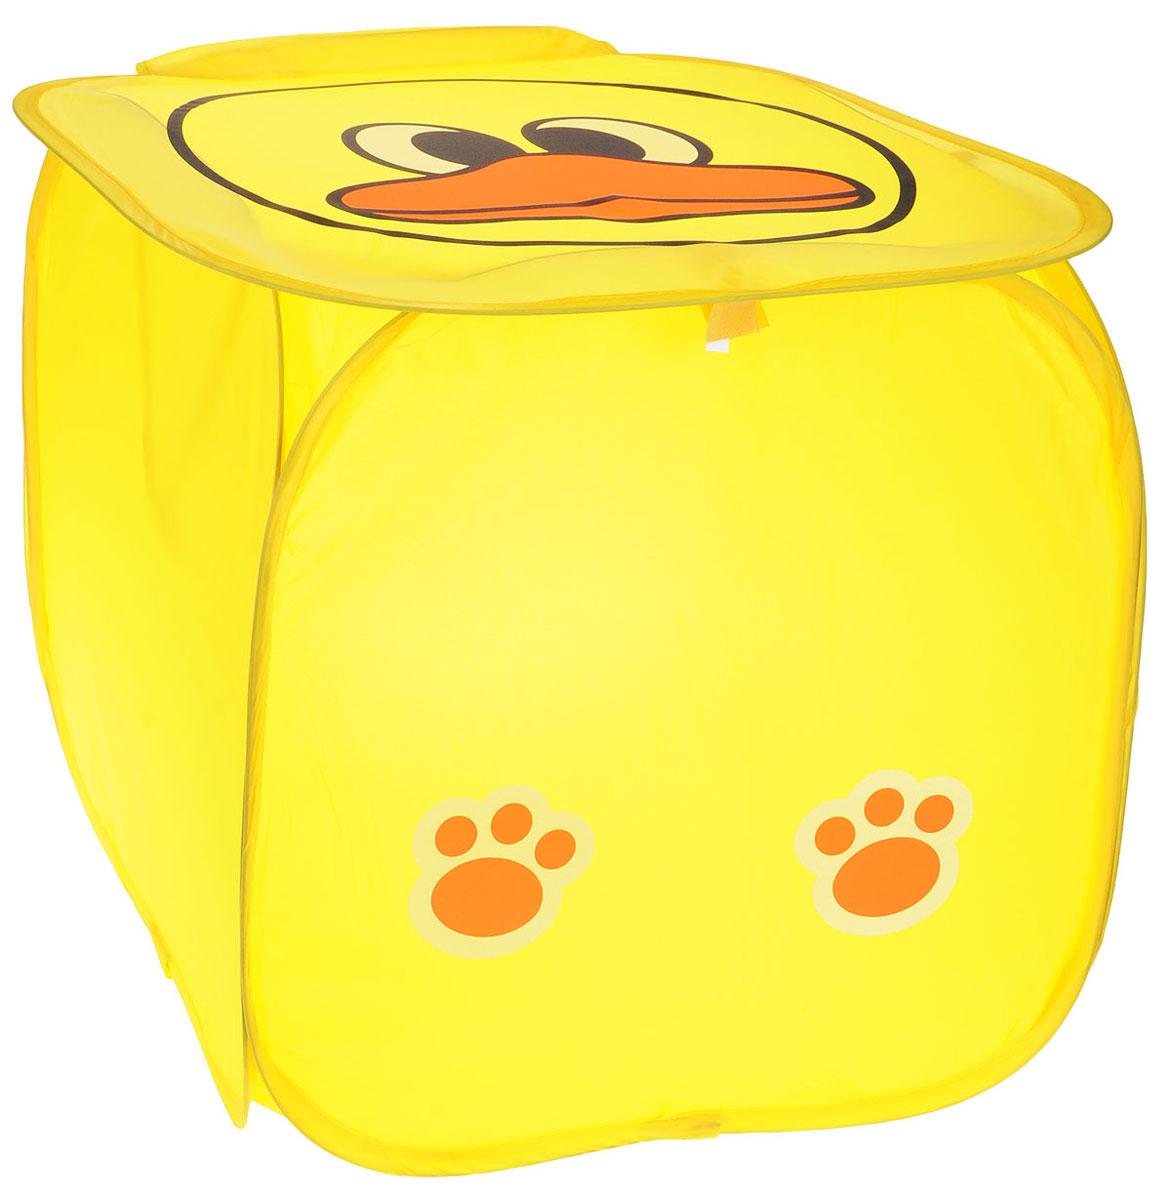 NEW COMMODITY Ящик для хранения Уточка1092019Ящик для хранения NEW COMMODITY Уточка поможет вам навести порядок в детской.Размер изделия позволяет хранить в нем игрушки, книжки или белье. Ящик легко складывается, когда в его использовании нет необходимости, тем самым сохраняя простор вашего дома.Это идеальный подарок для детей.